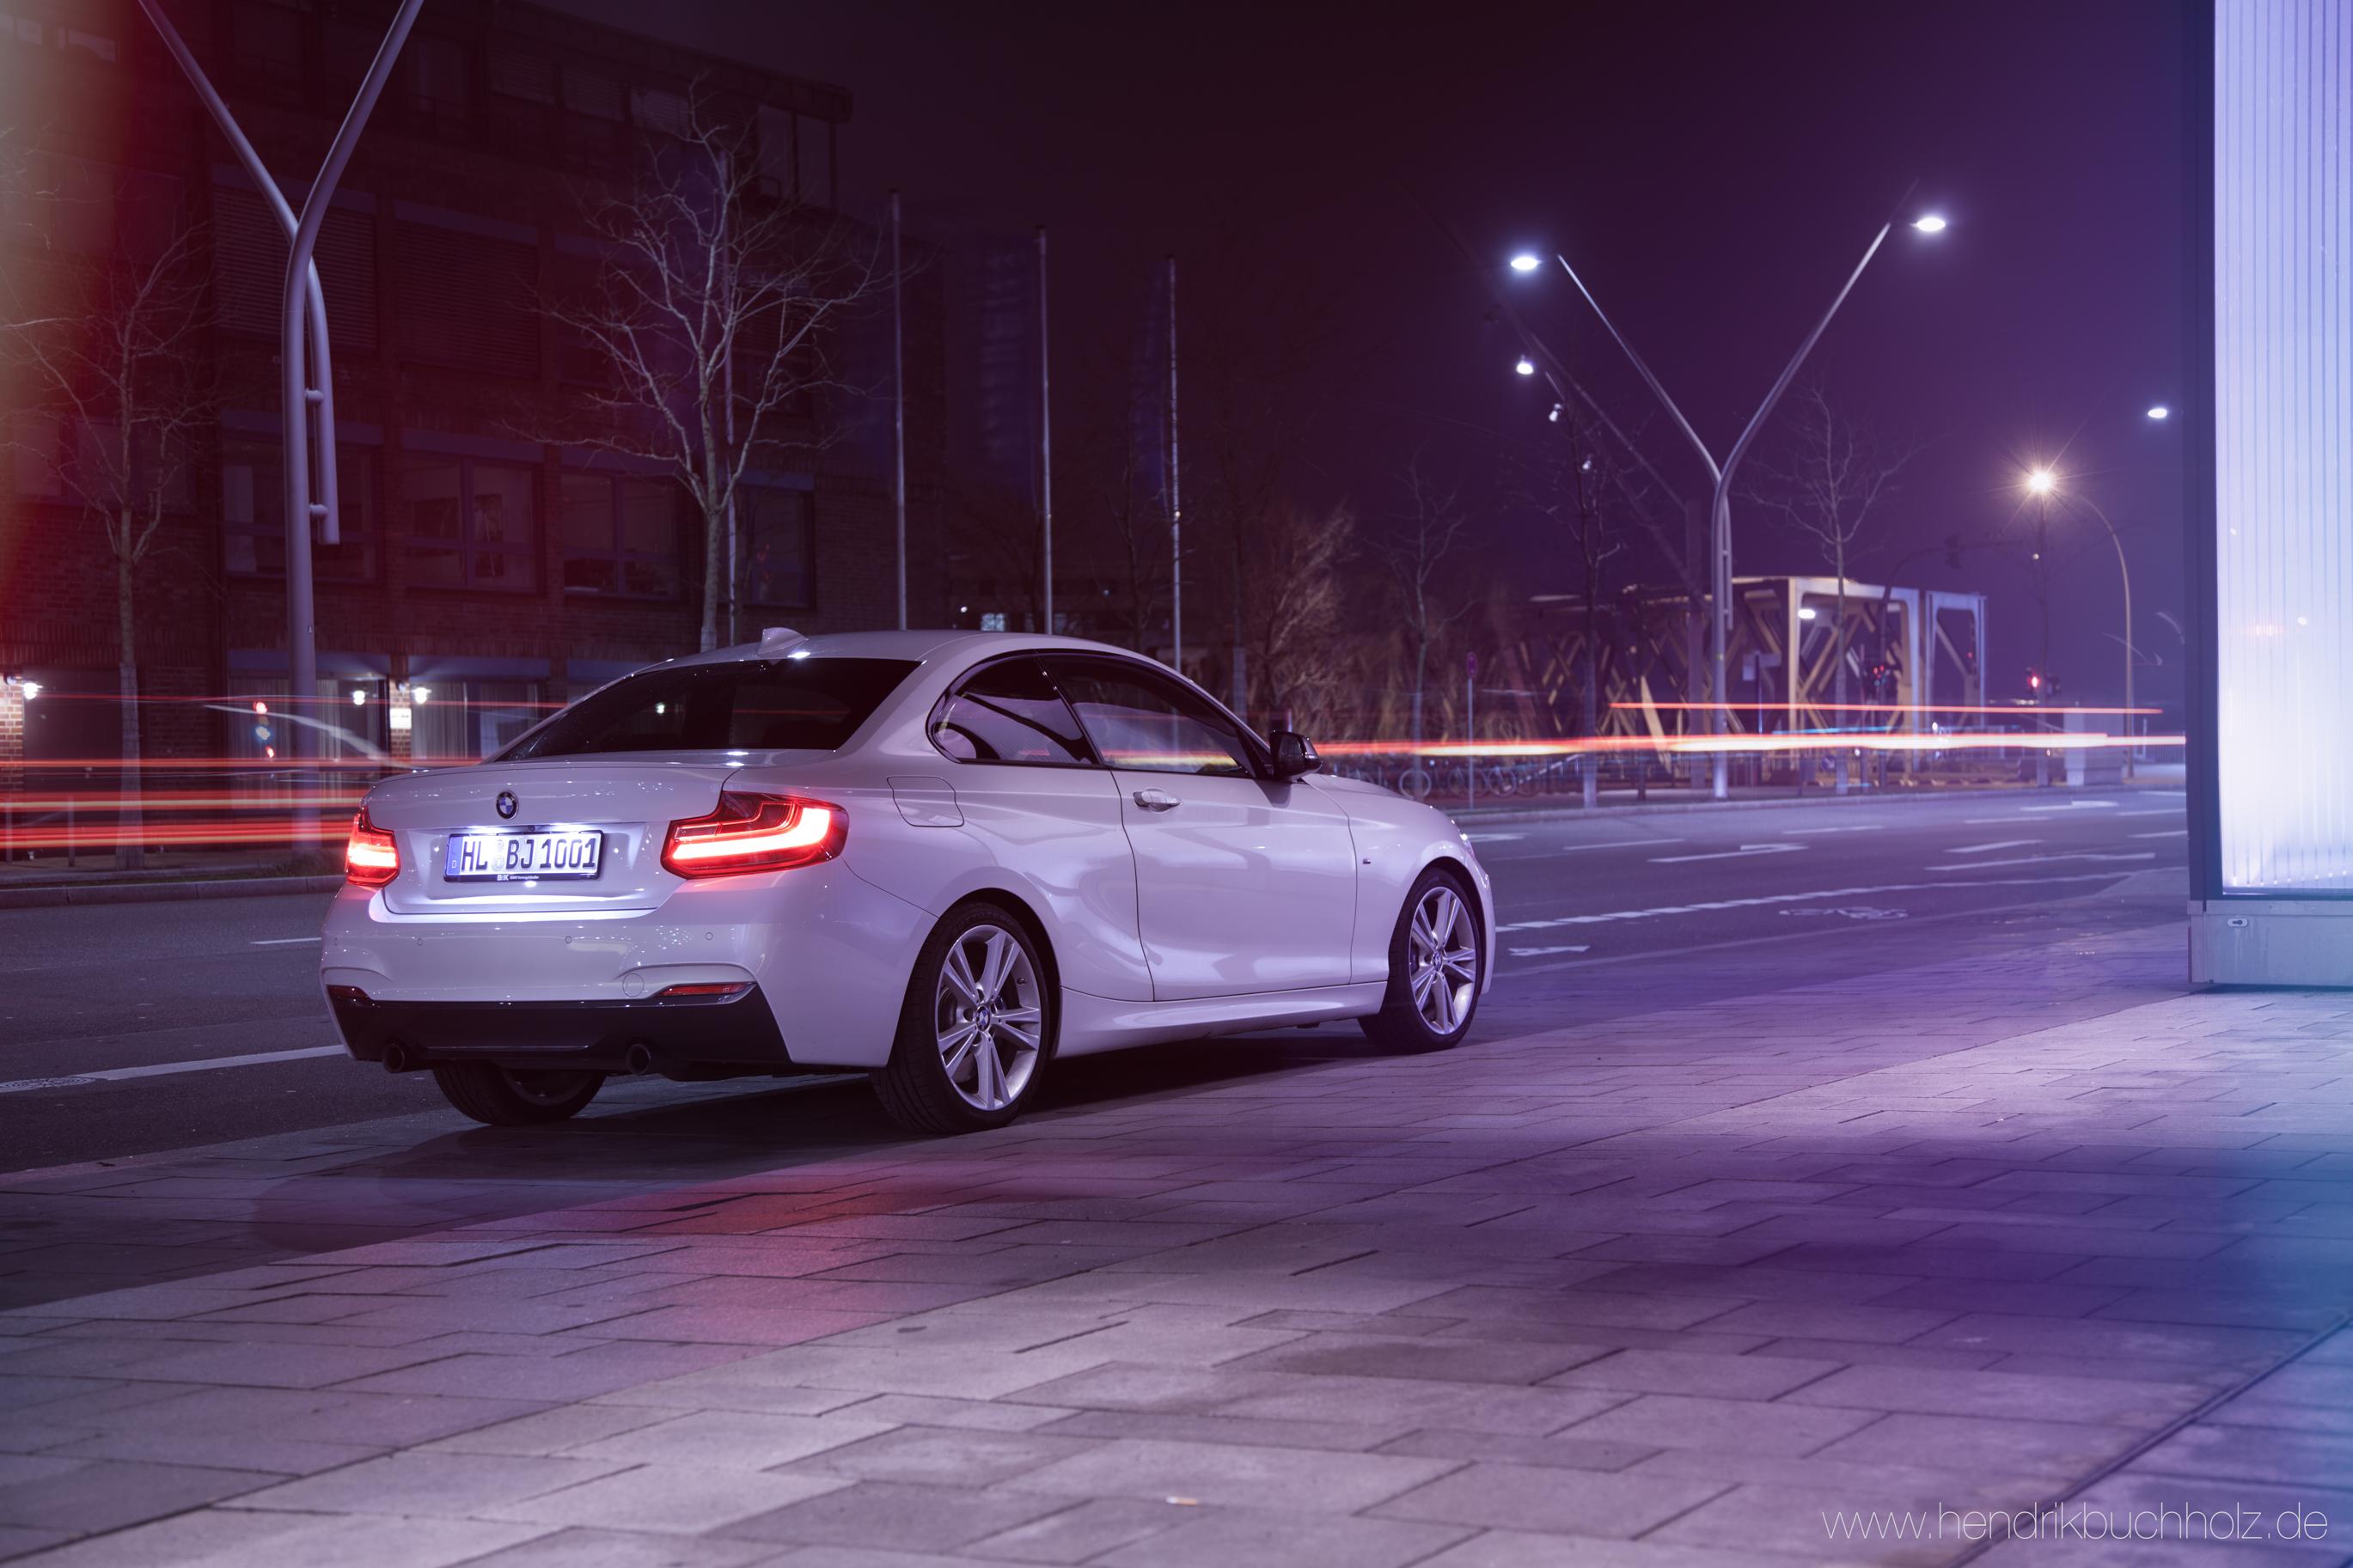 Hintergrundbilder : Licht, Weiß, KUNST, Auto, Sport, modern, Nacht ...